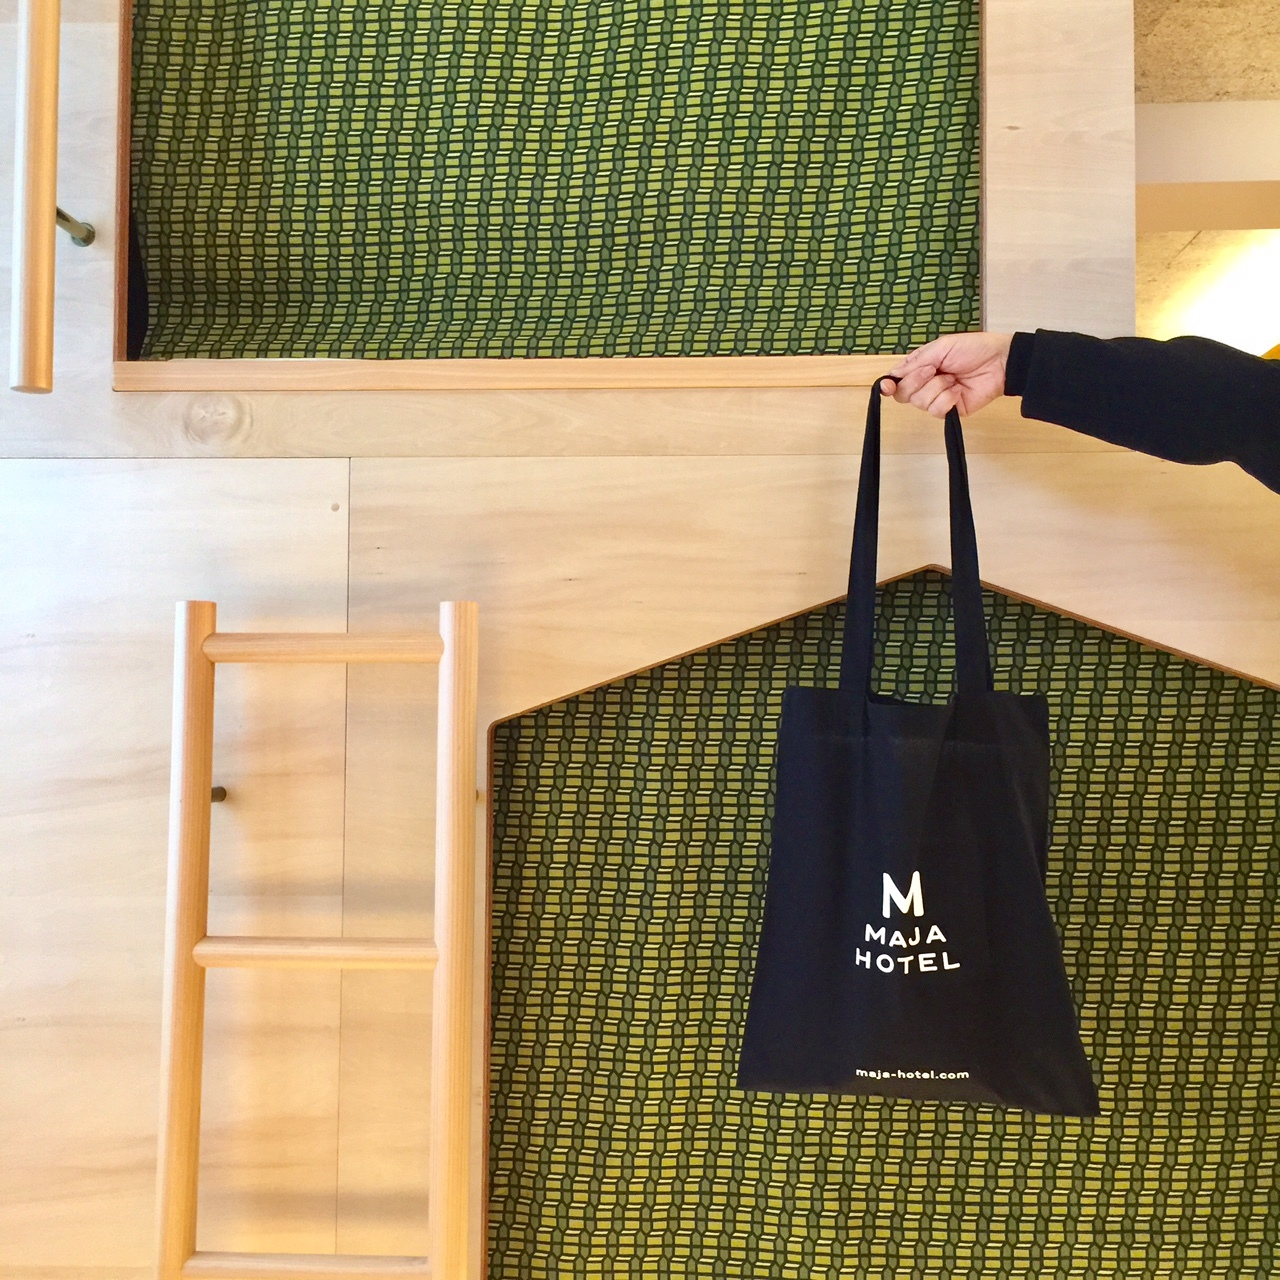 京都にできた北欧スタイルの宿、MAJA HOTEL KYOTOに泊まる!_1_1